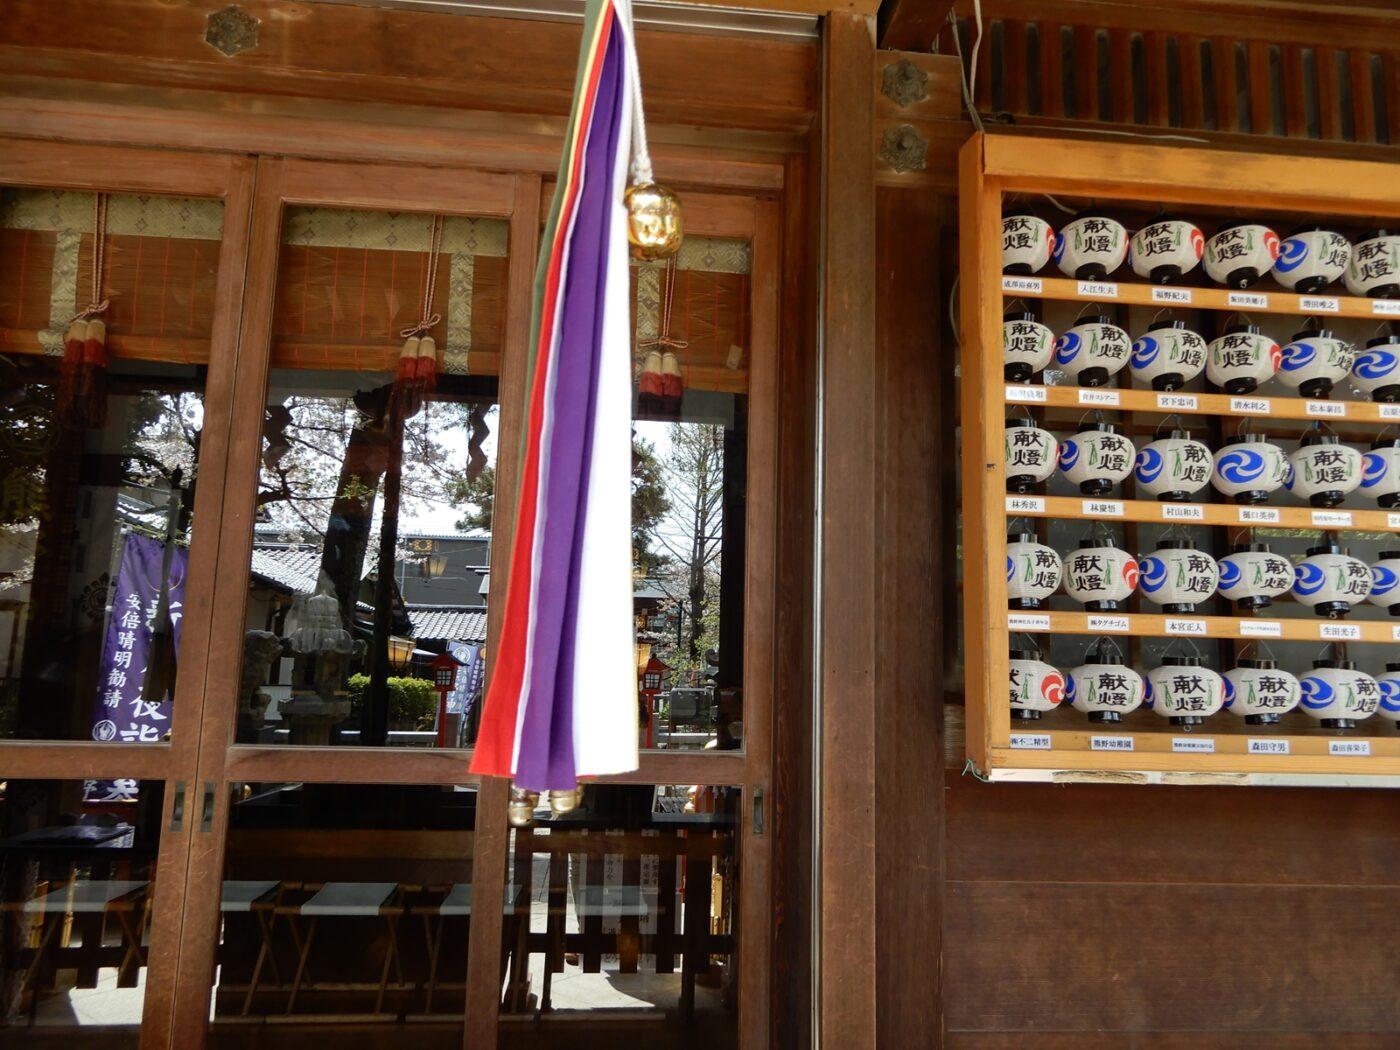 五方山熊野神社(立石熊野神社)の写真